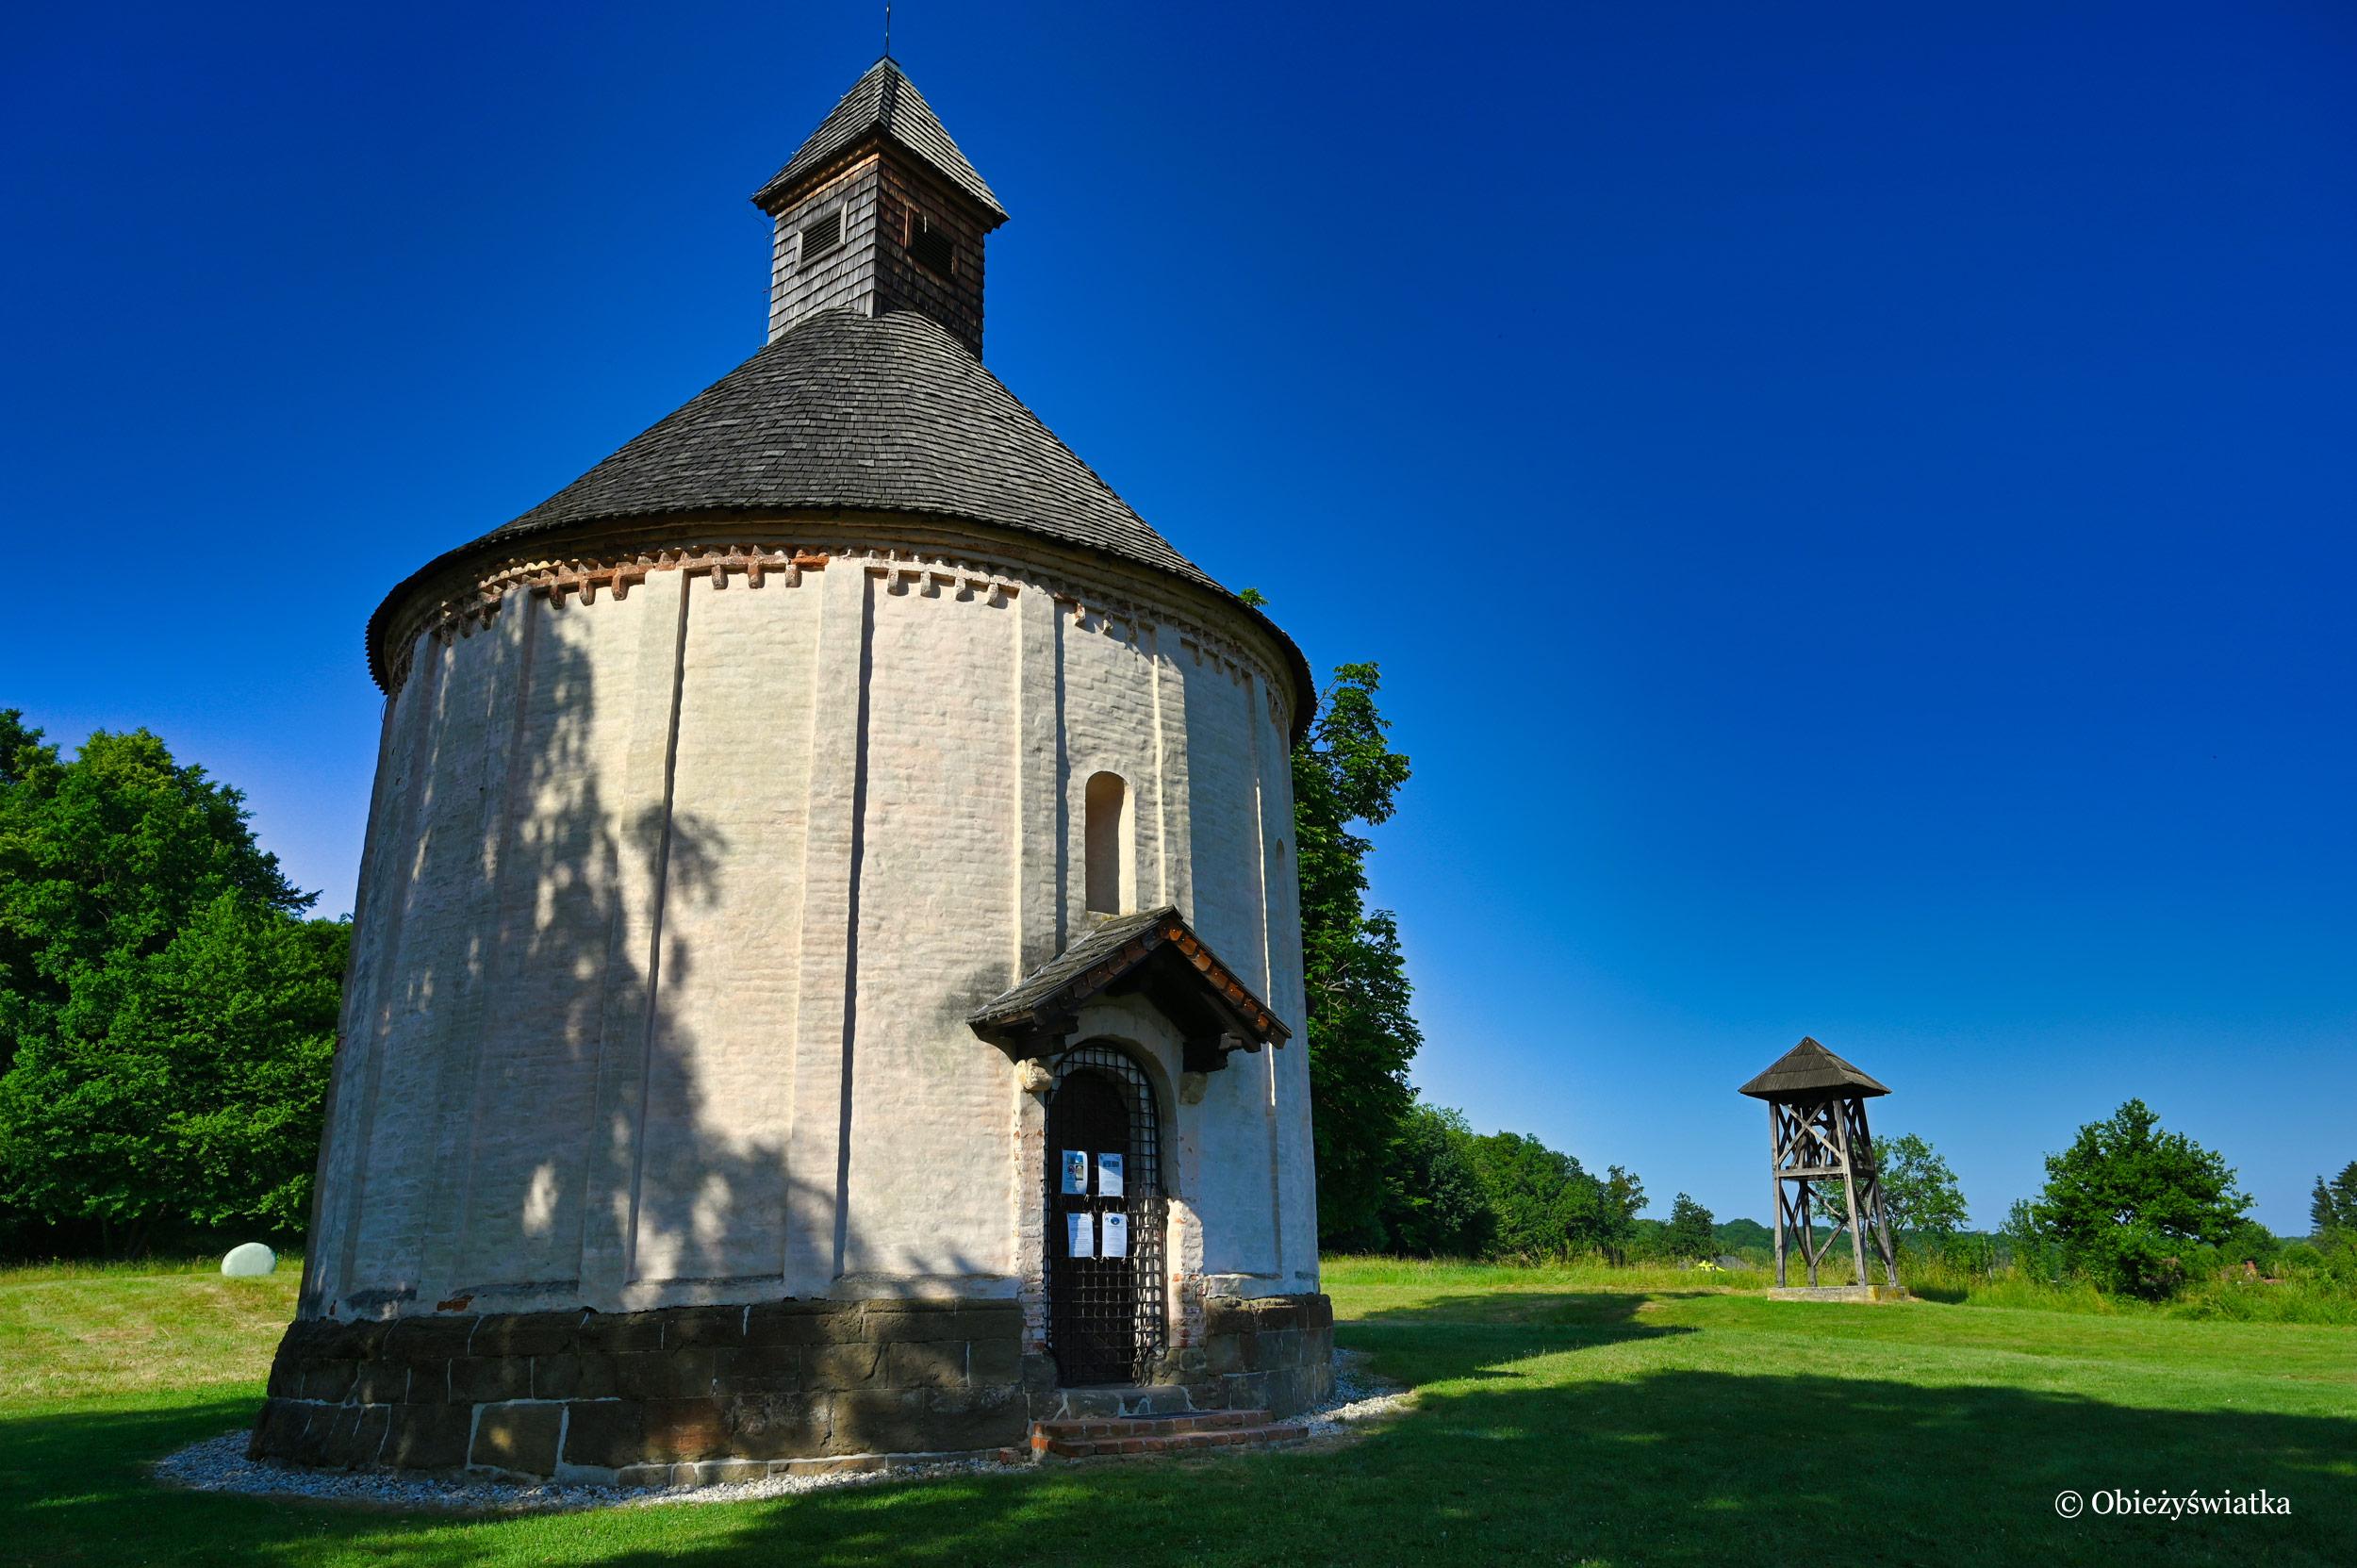 Romański kościółek i dzwonnica, Selo, Słowenia